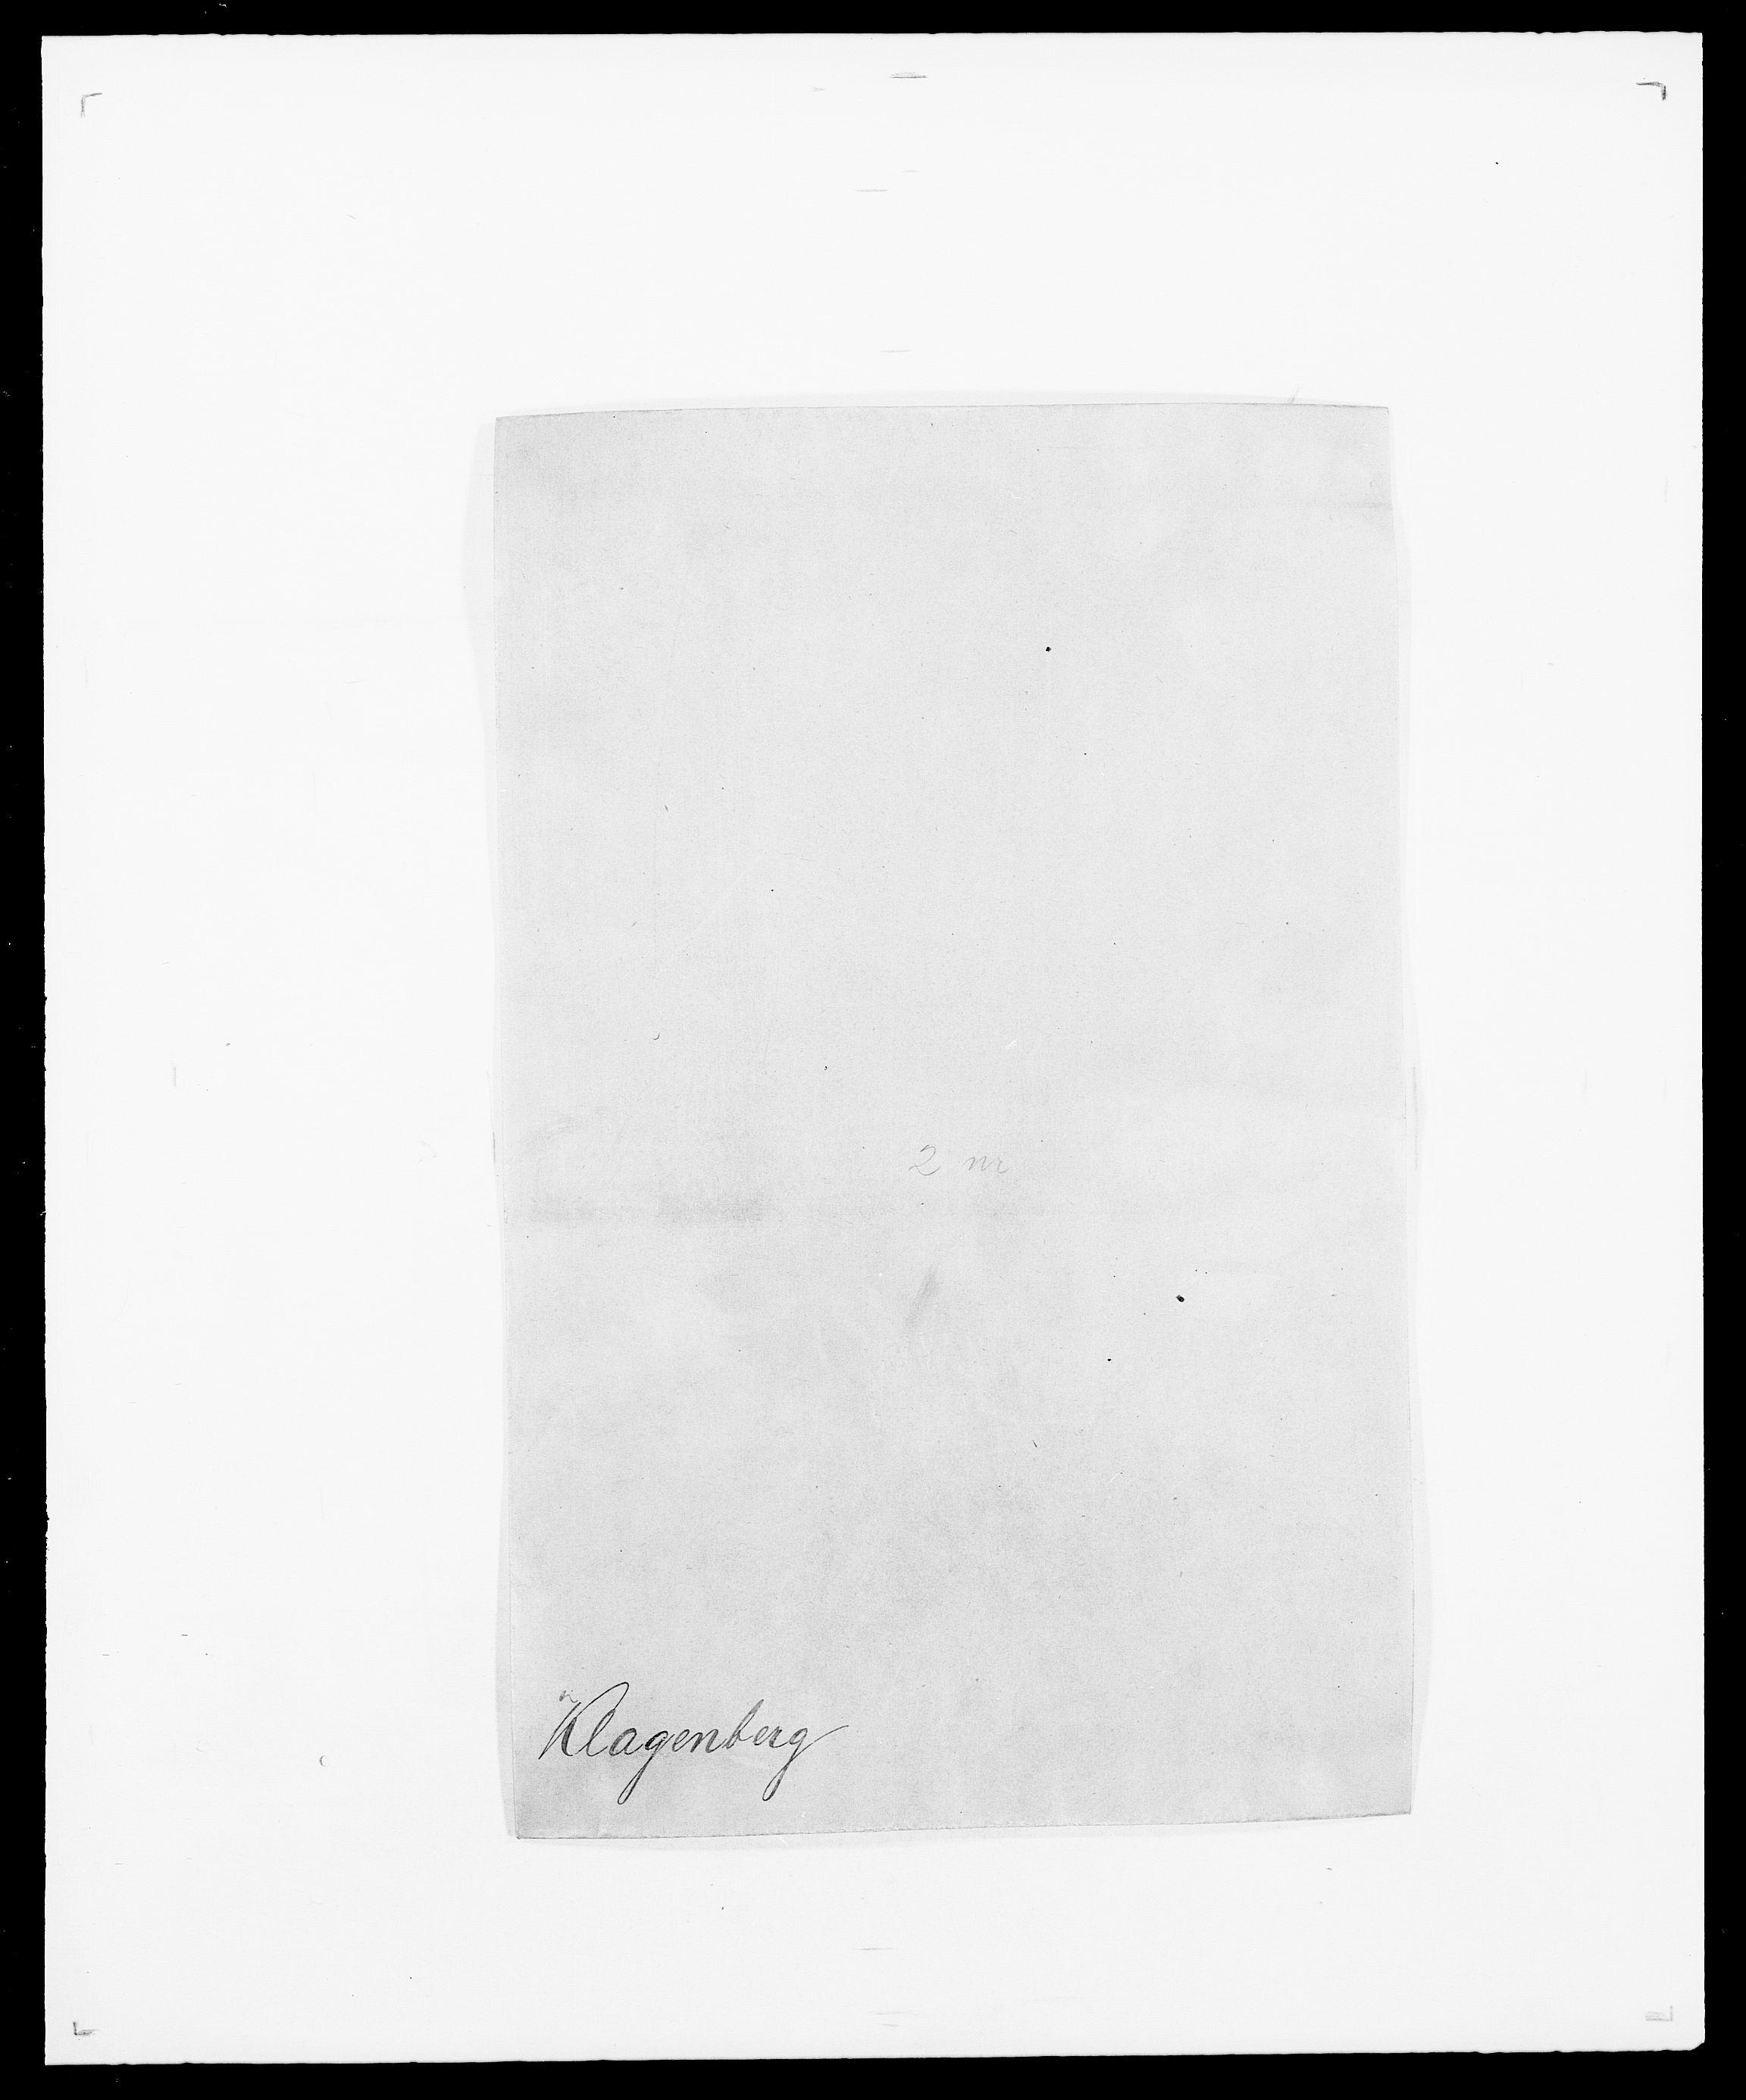 SAO, Delgobe, Charles Antoine - samling, D/Da/L0021: Klagenberg - Kristoft, s. 1